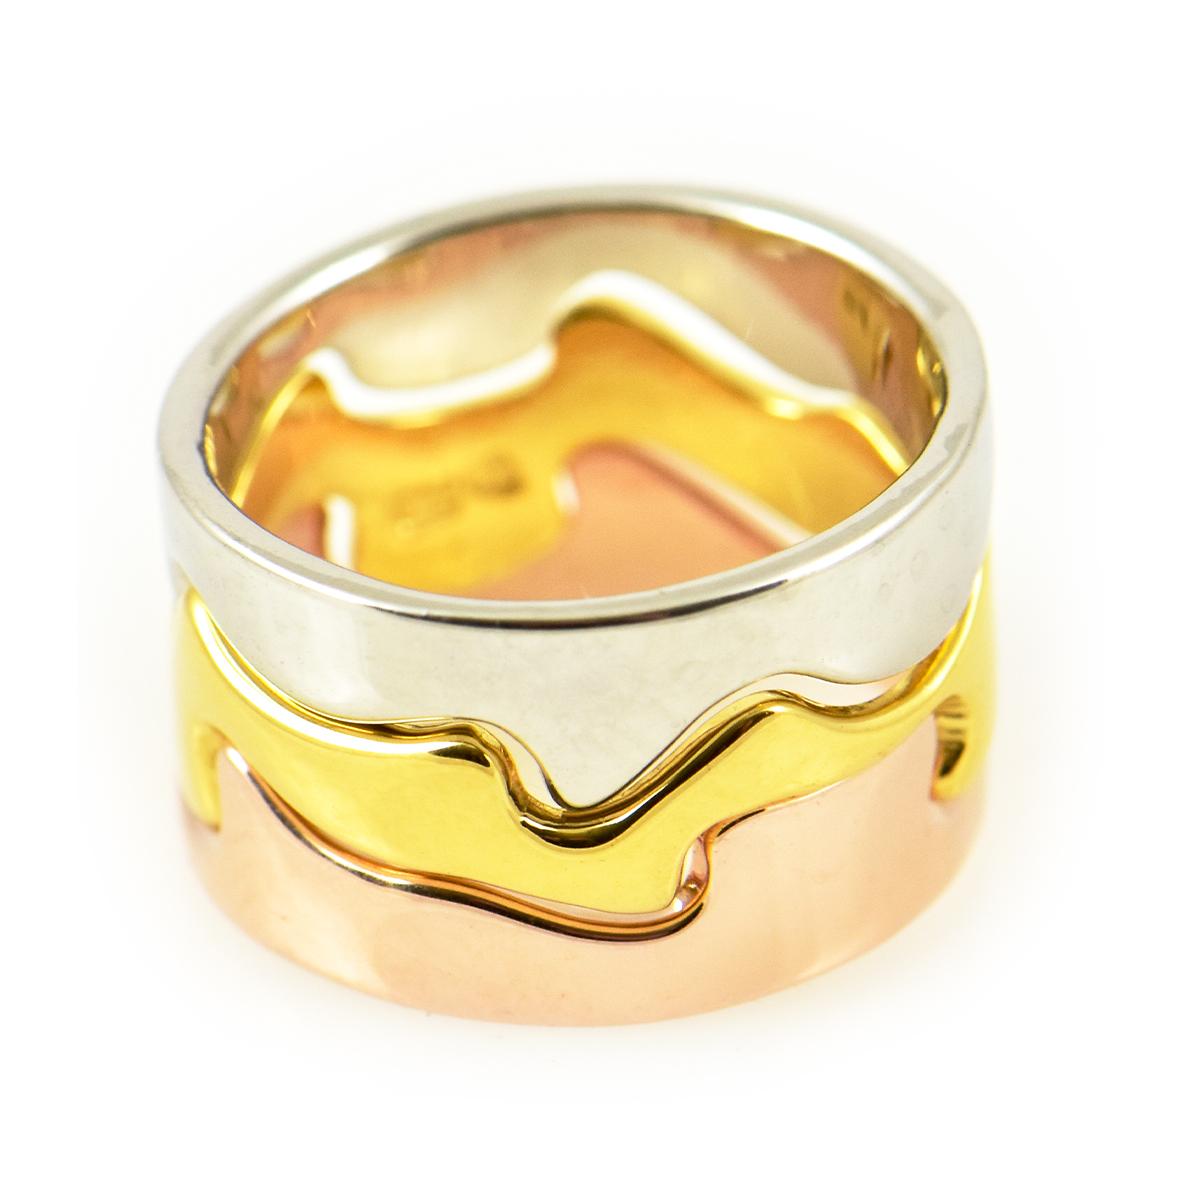 Pierścionek srebrny pozłacany 3 kolorami złota